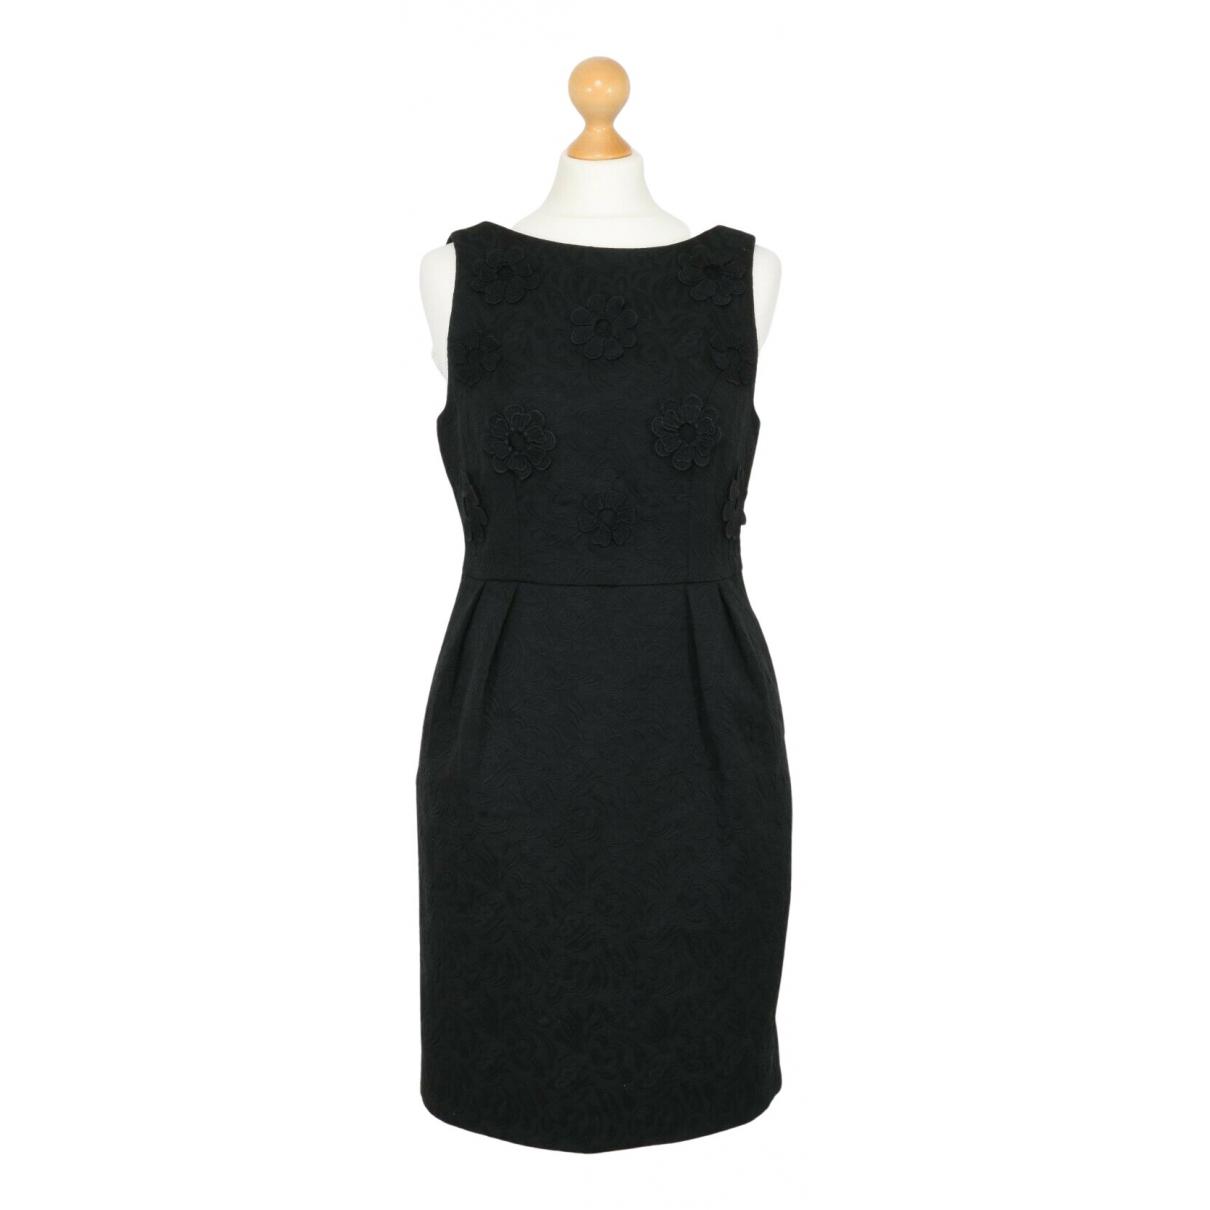 Darling \N Kleid in  Schwarz Baumwolle